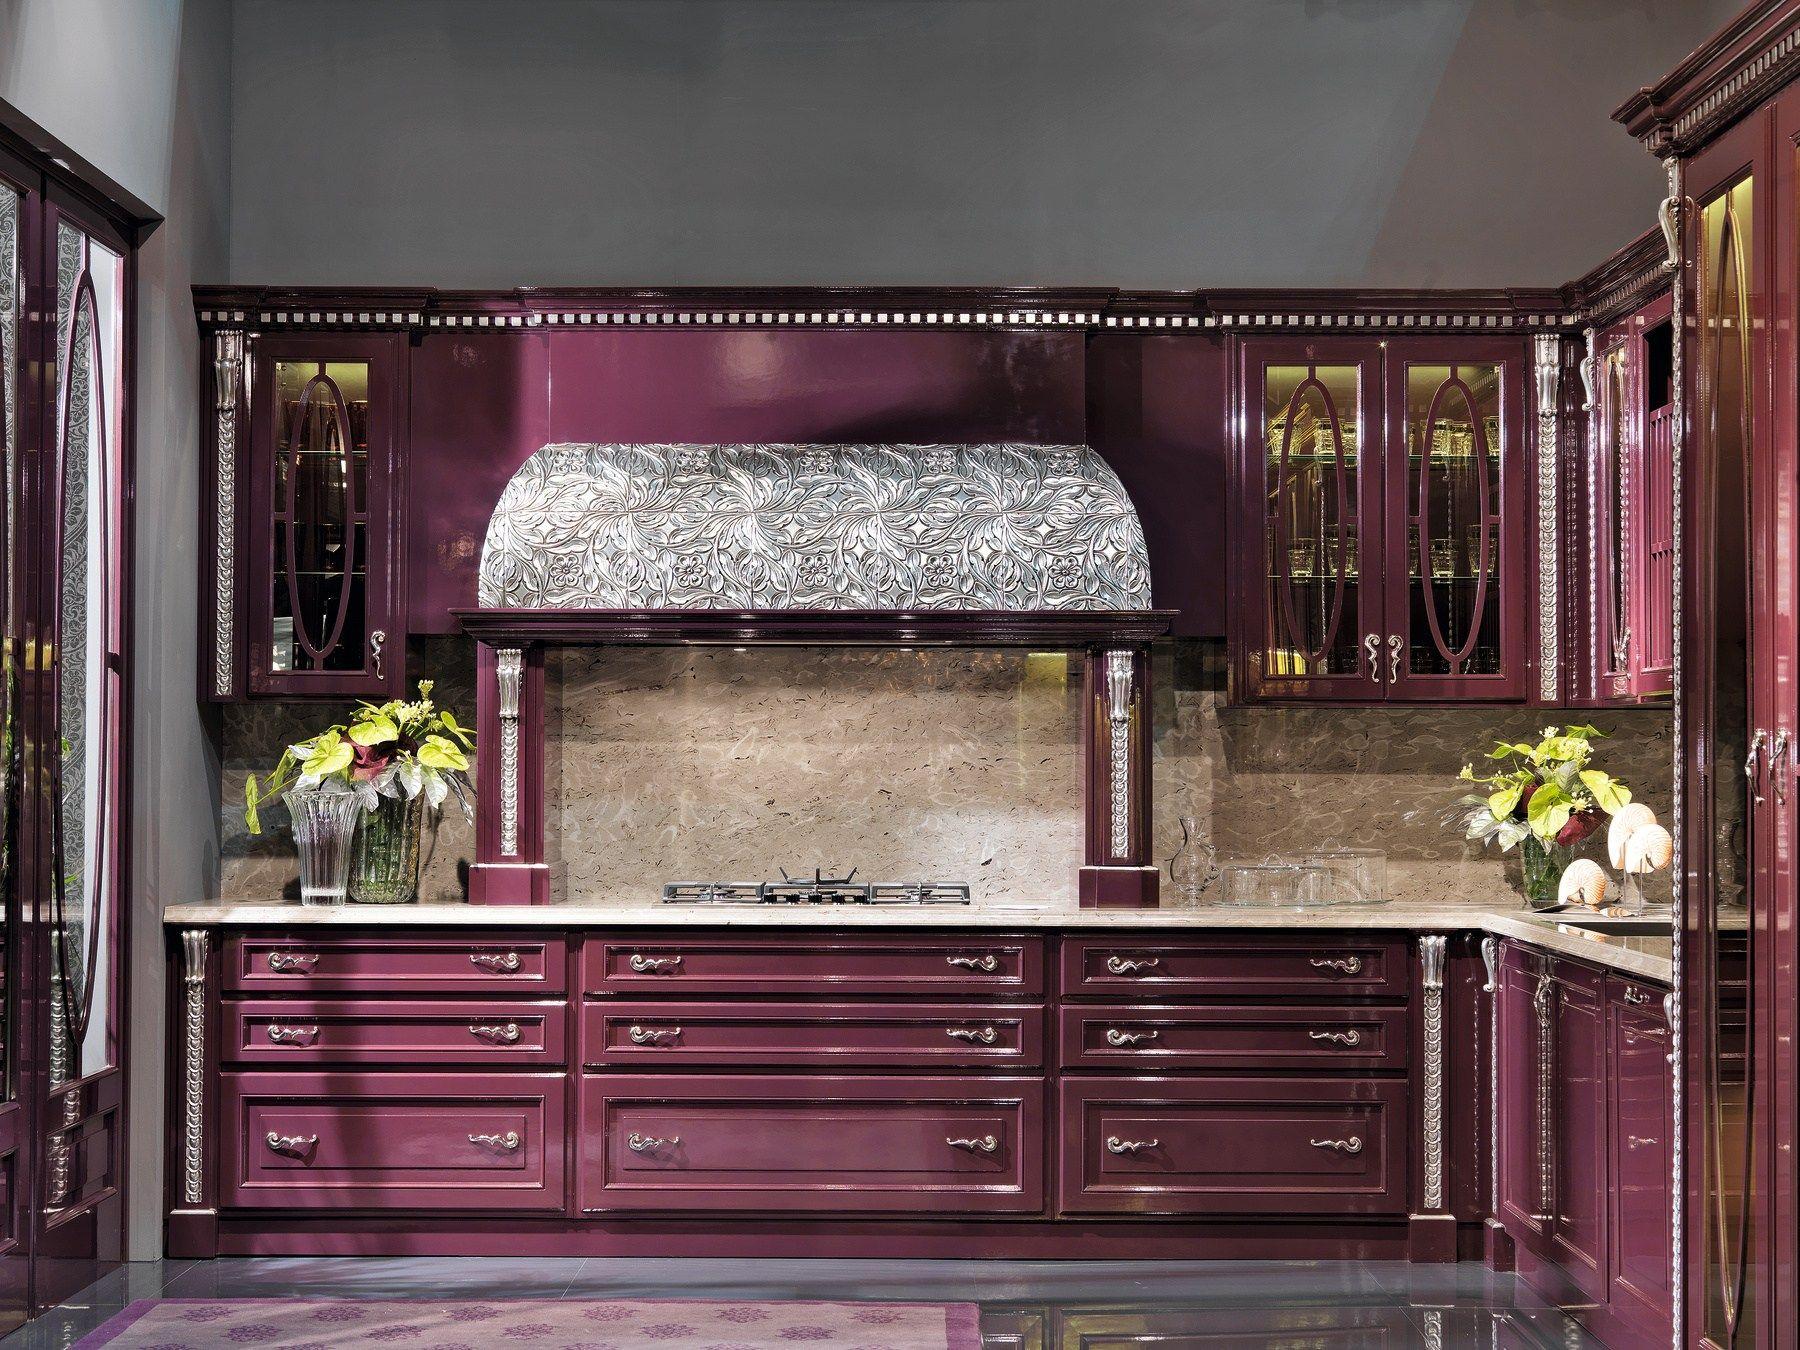 Cucina Laccata In Stile Classico PRECIOUS Cucina Lineare Bizzotto #887743 1800 1350 Stile Classico Cucina